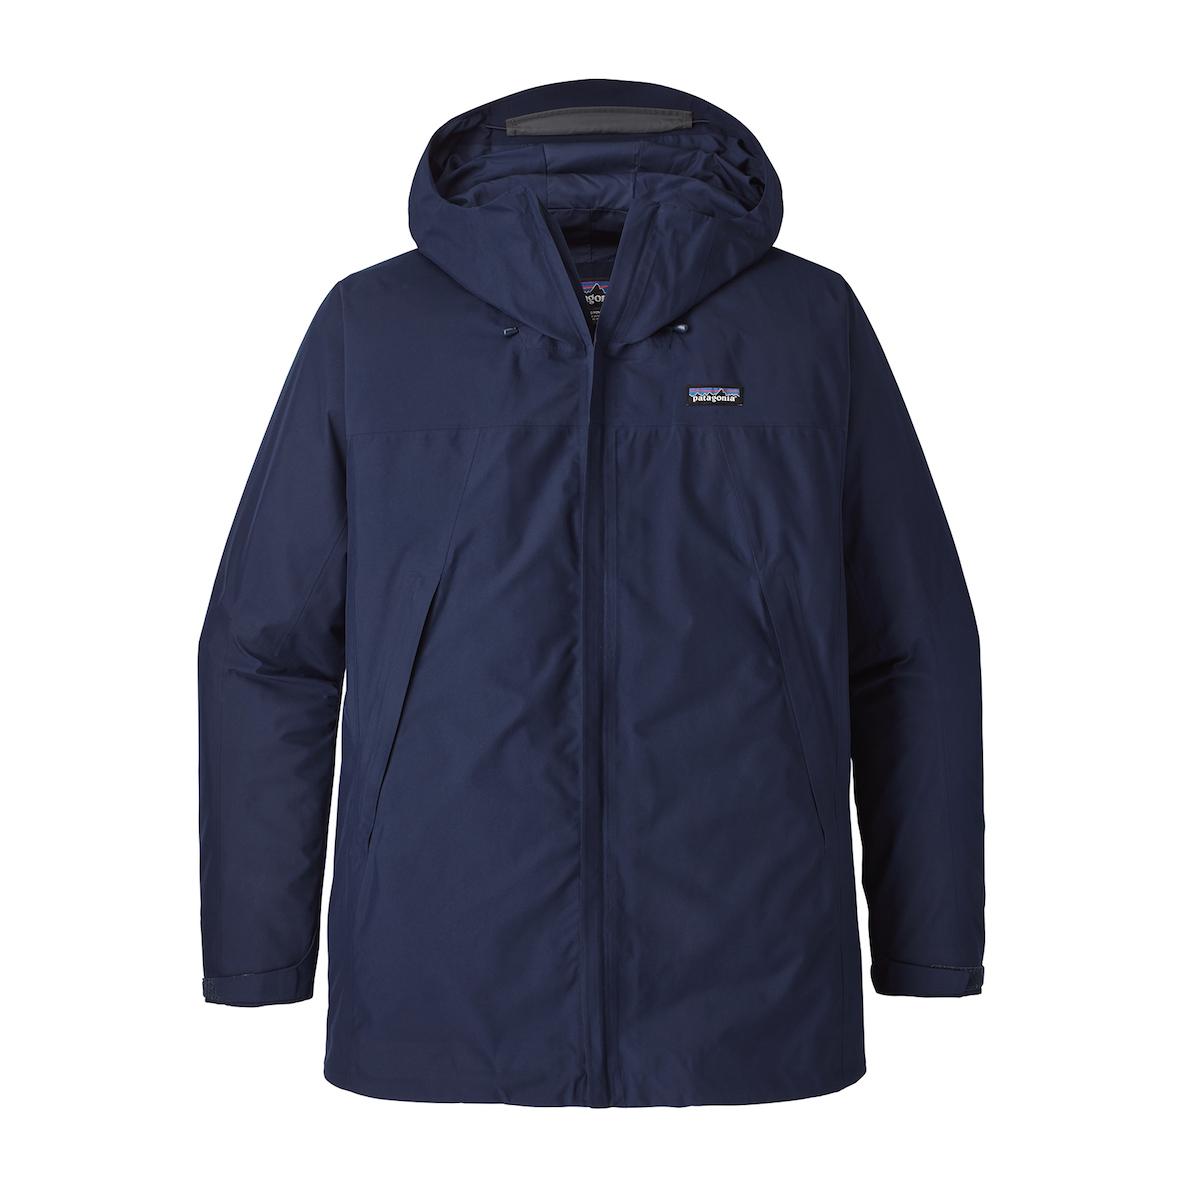 Patagonia - Departer Jkt - Ski jacket - Men's